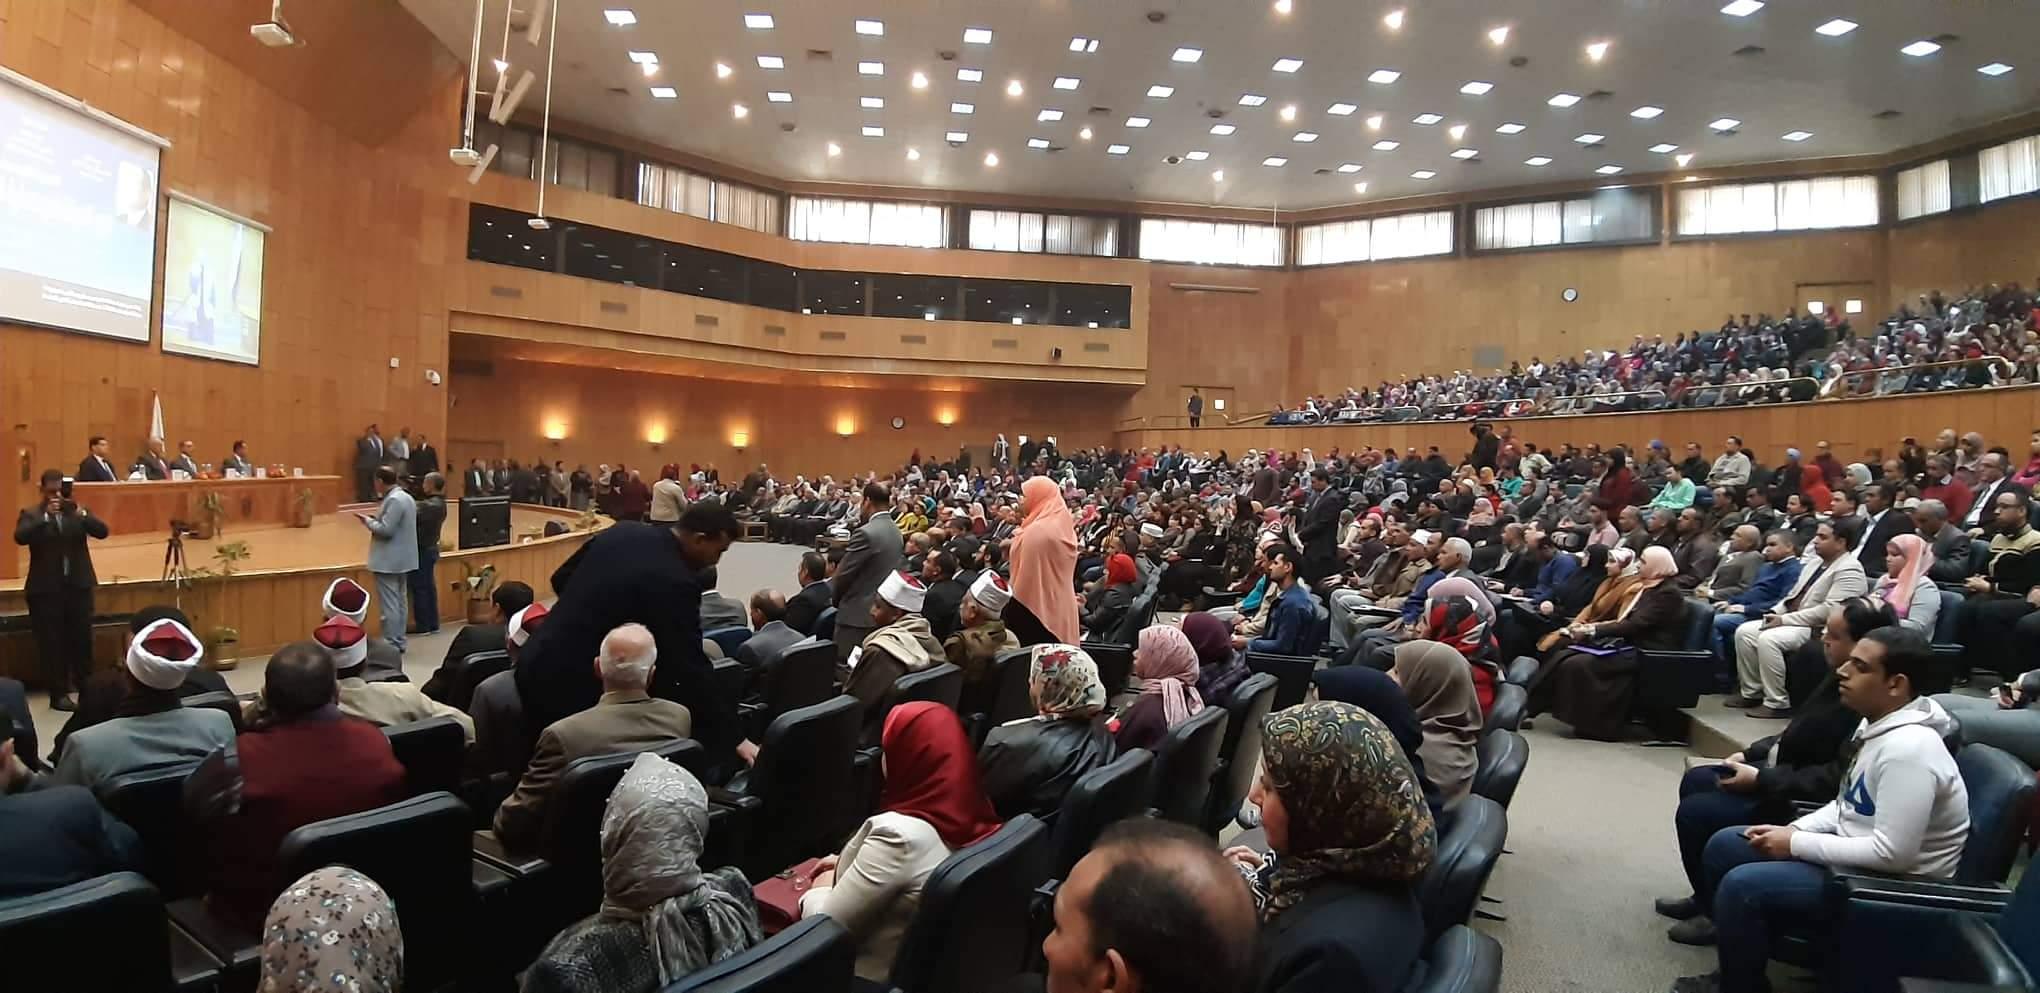 ندوة دور الدولة فى حماية المستهلك بجامعة أسيوط (1)